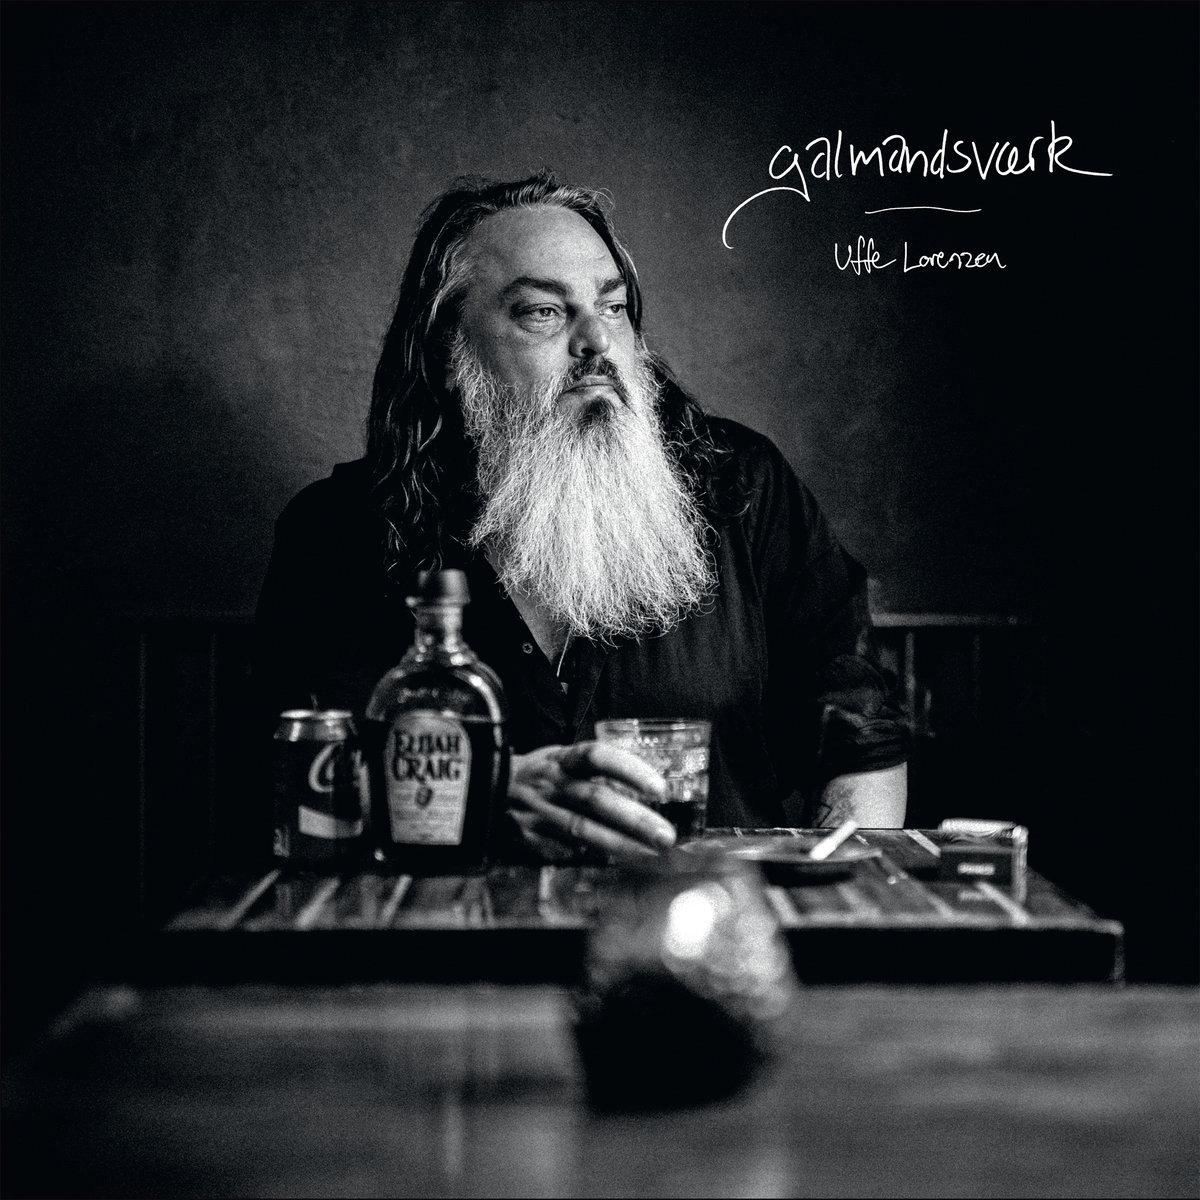 Uffe Lorenzen – Galmandsværk [LP]